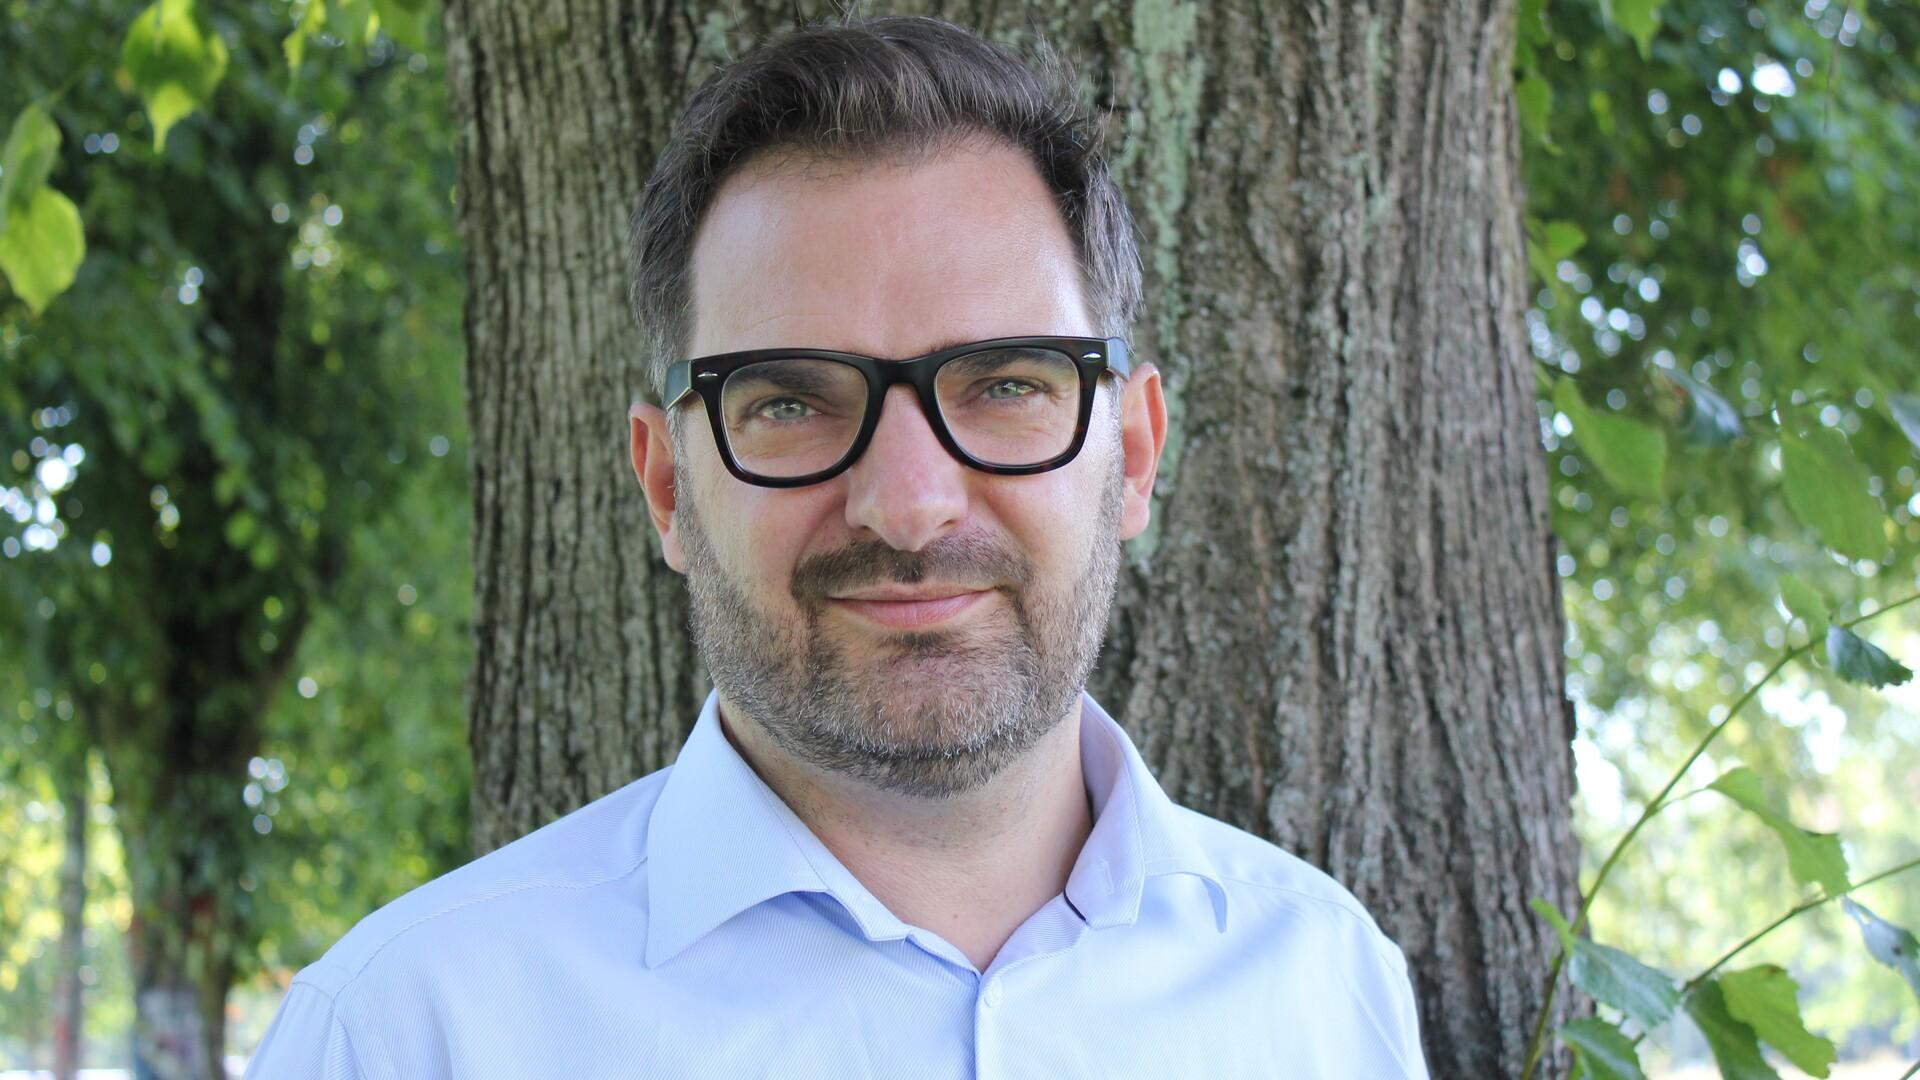 """Jonas Holm: Statsministerens """"åbningstale"""" skuffede fælt. Vi skal lukke samfundet mere op og have større åbenhed om strategien"""